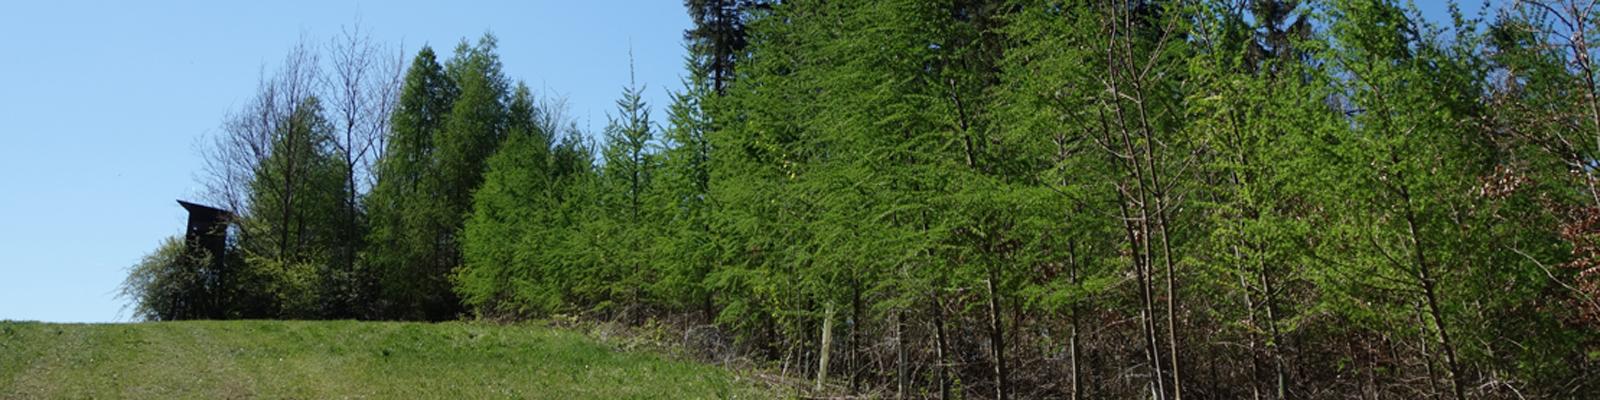 Lärche Header © Kersten Sitte, www.essbarewildpflanzen.at